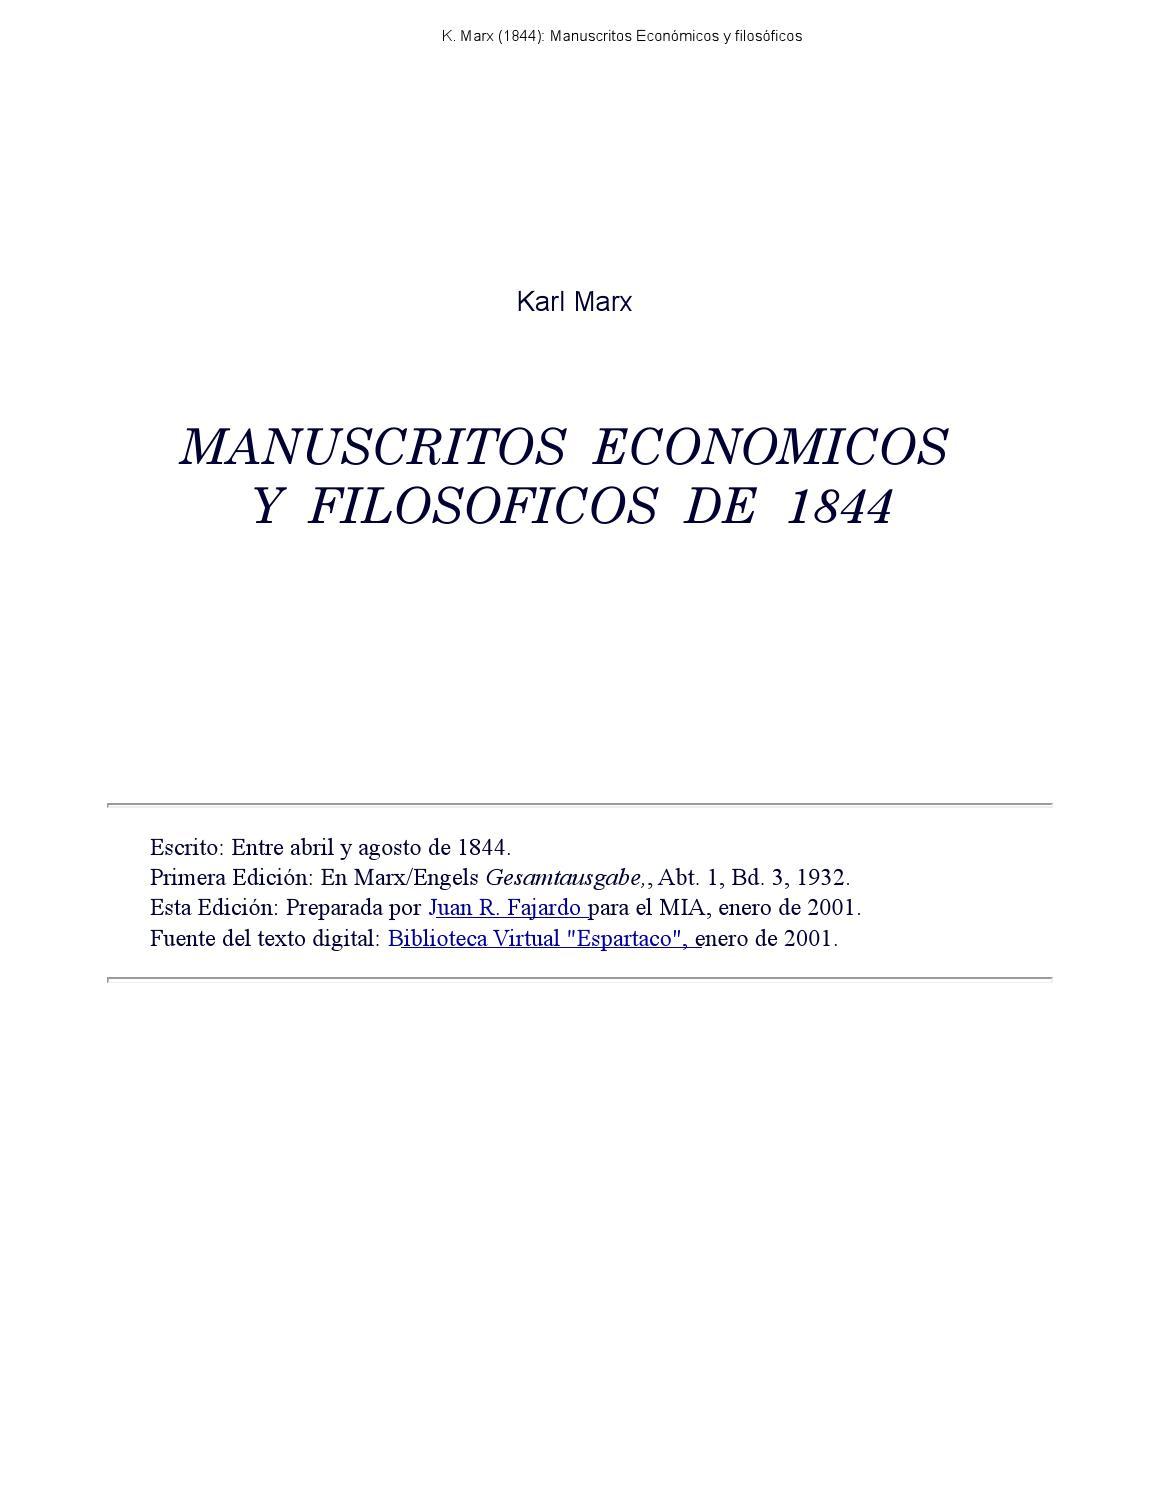 Manuscritos económicos y filosóficos de 1844. Karl Marx by Lidushka Lidka -  issuu